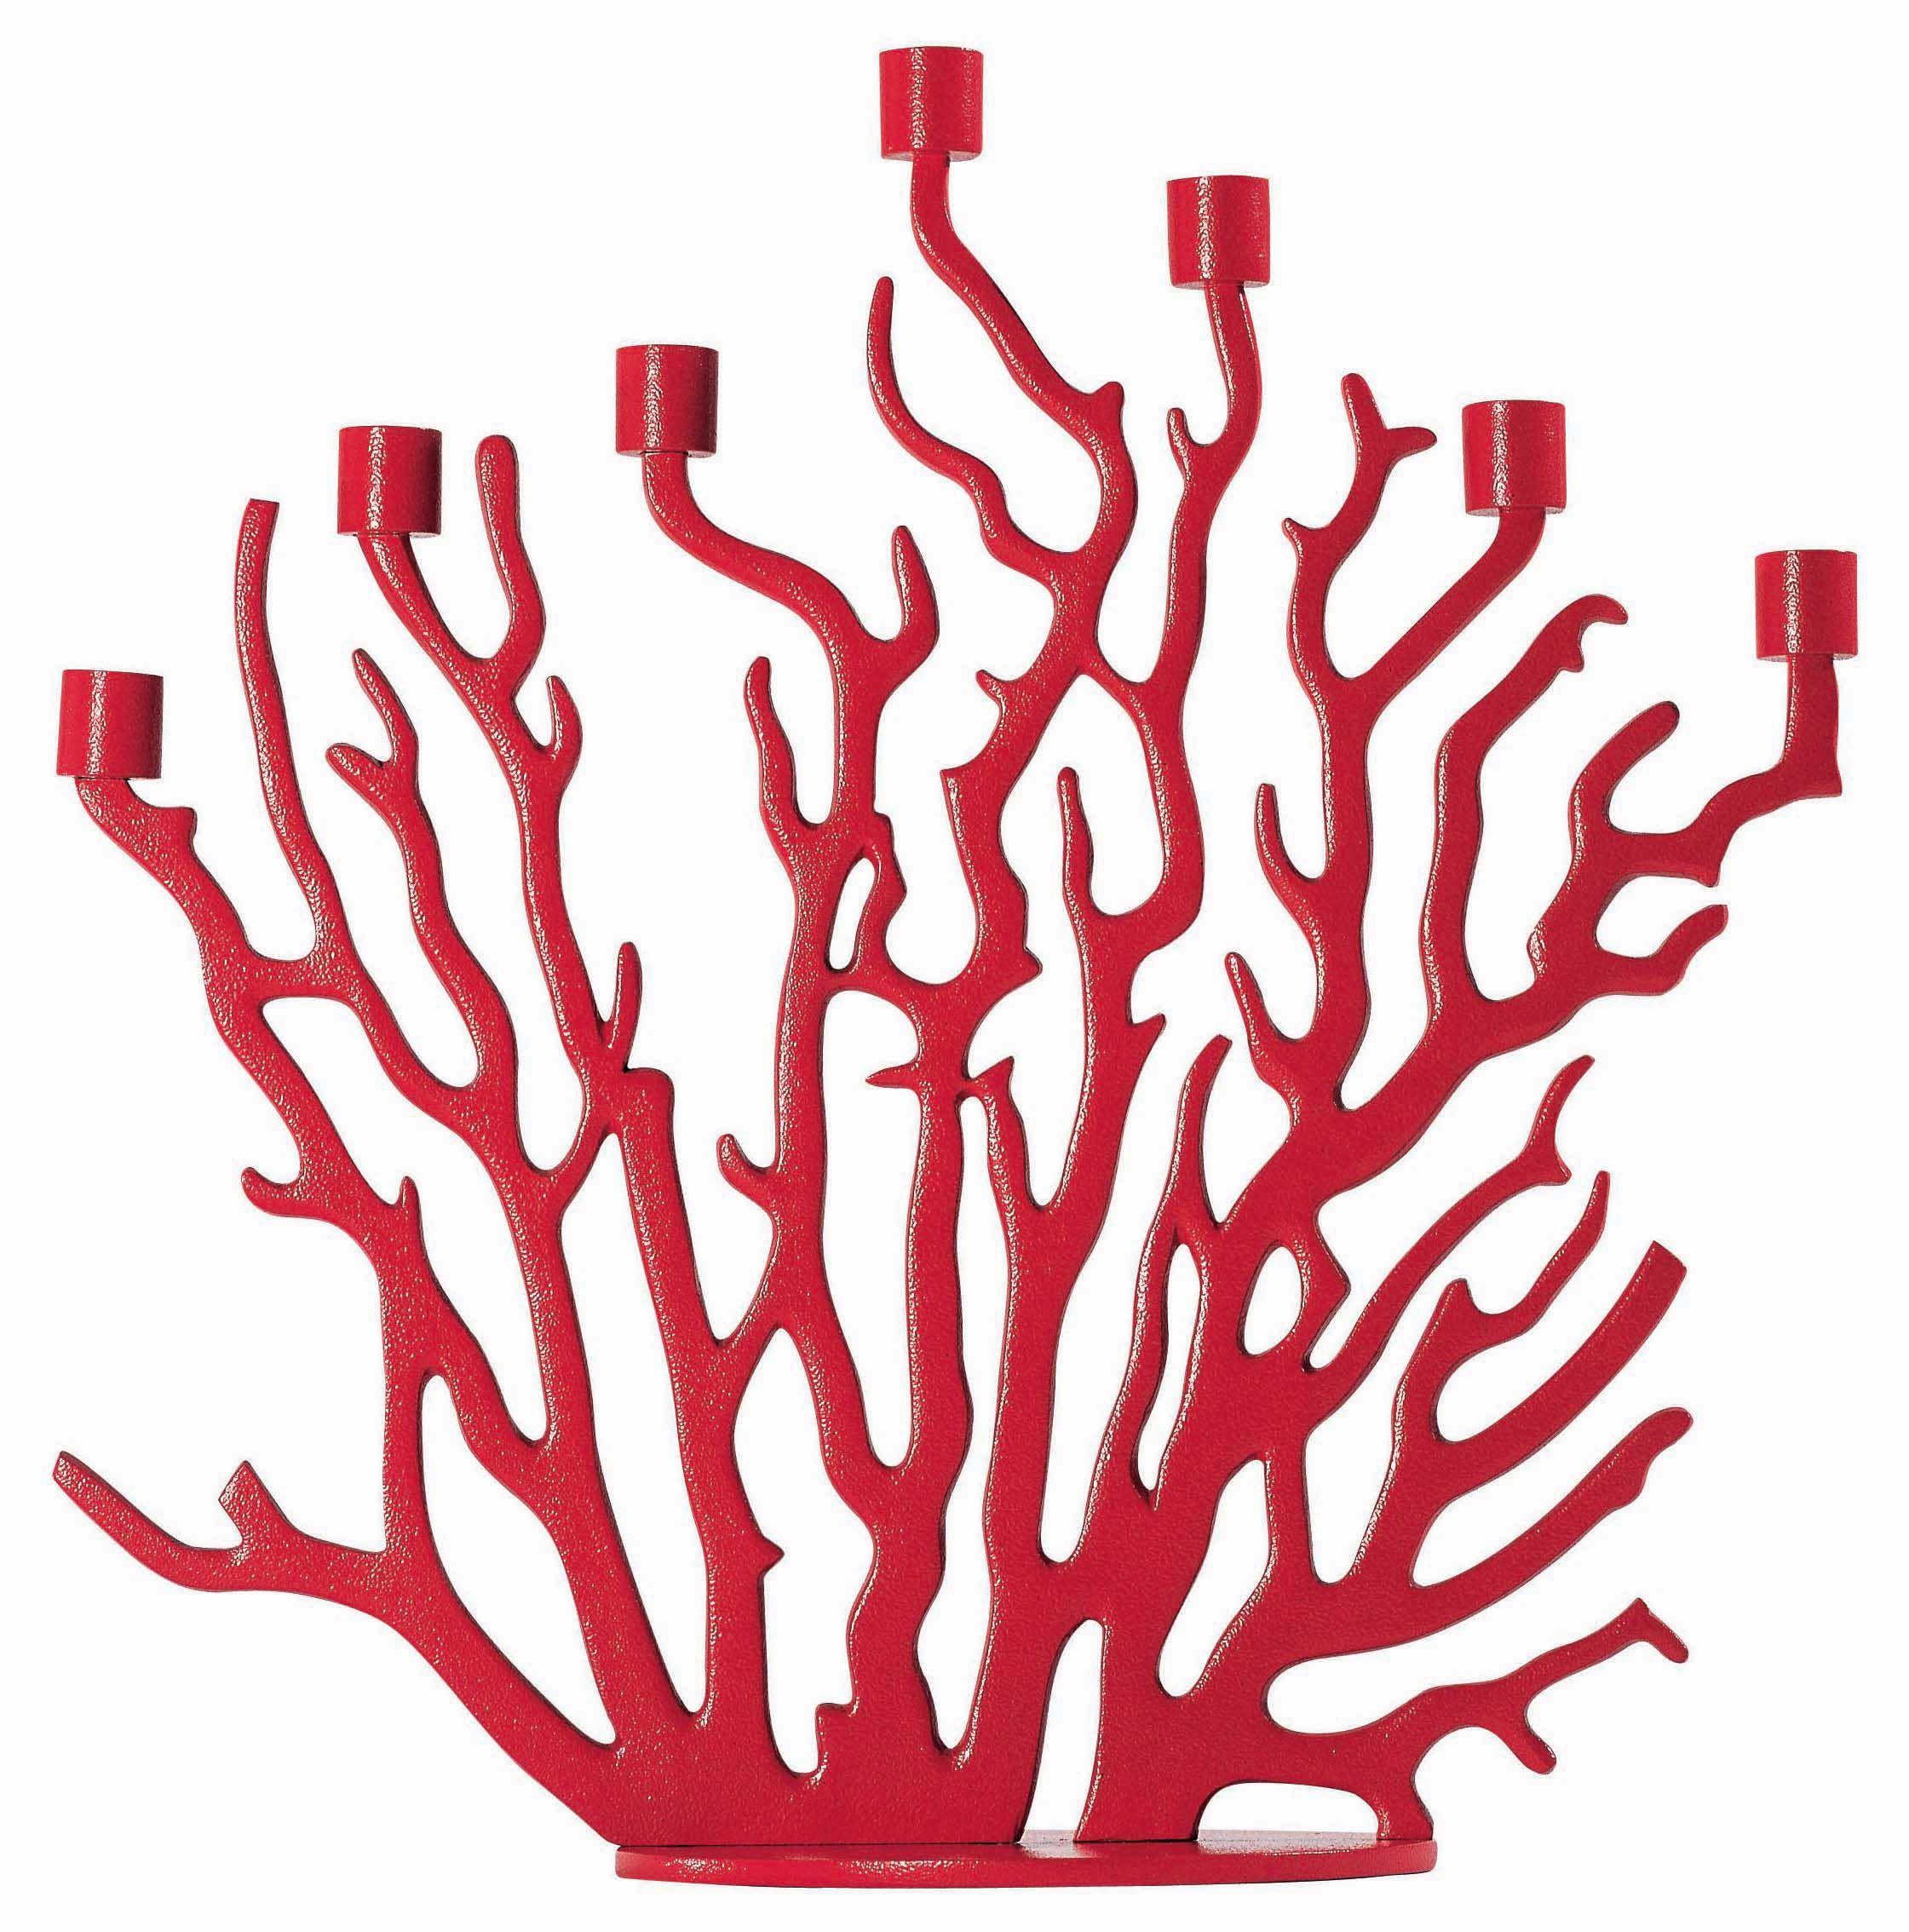 Interni - Insoliti e divertenti - Candeliere Tenochtitlan di Driade Kosmo - Rosso - Ghisa di alluminio